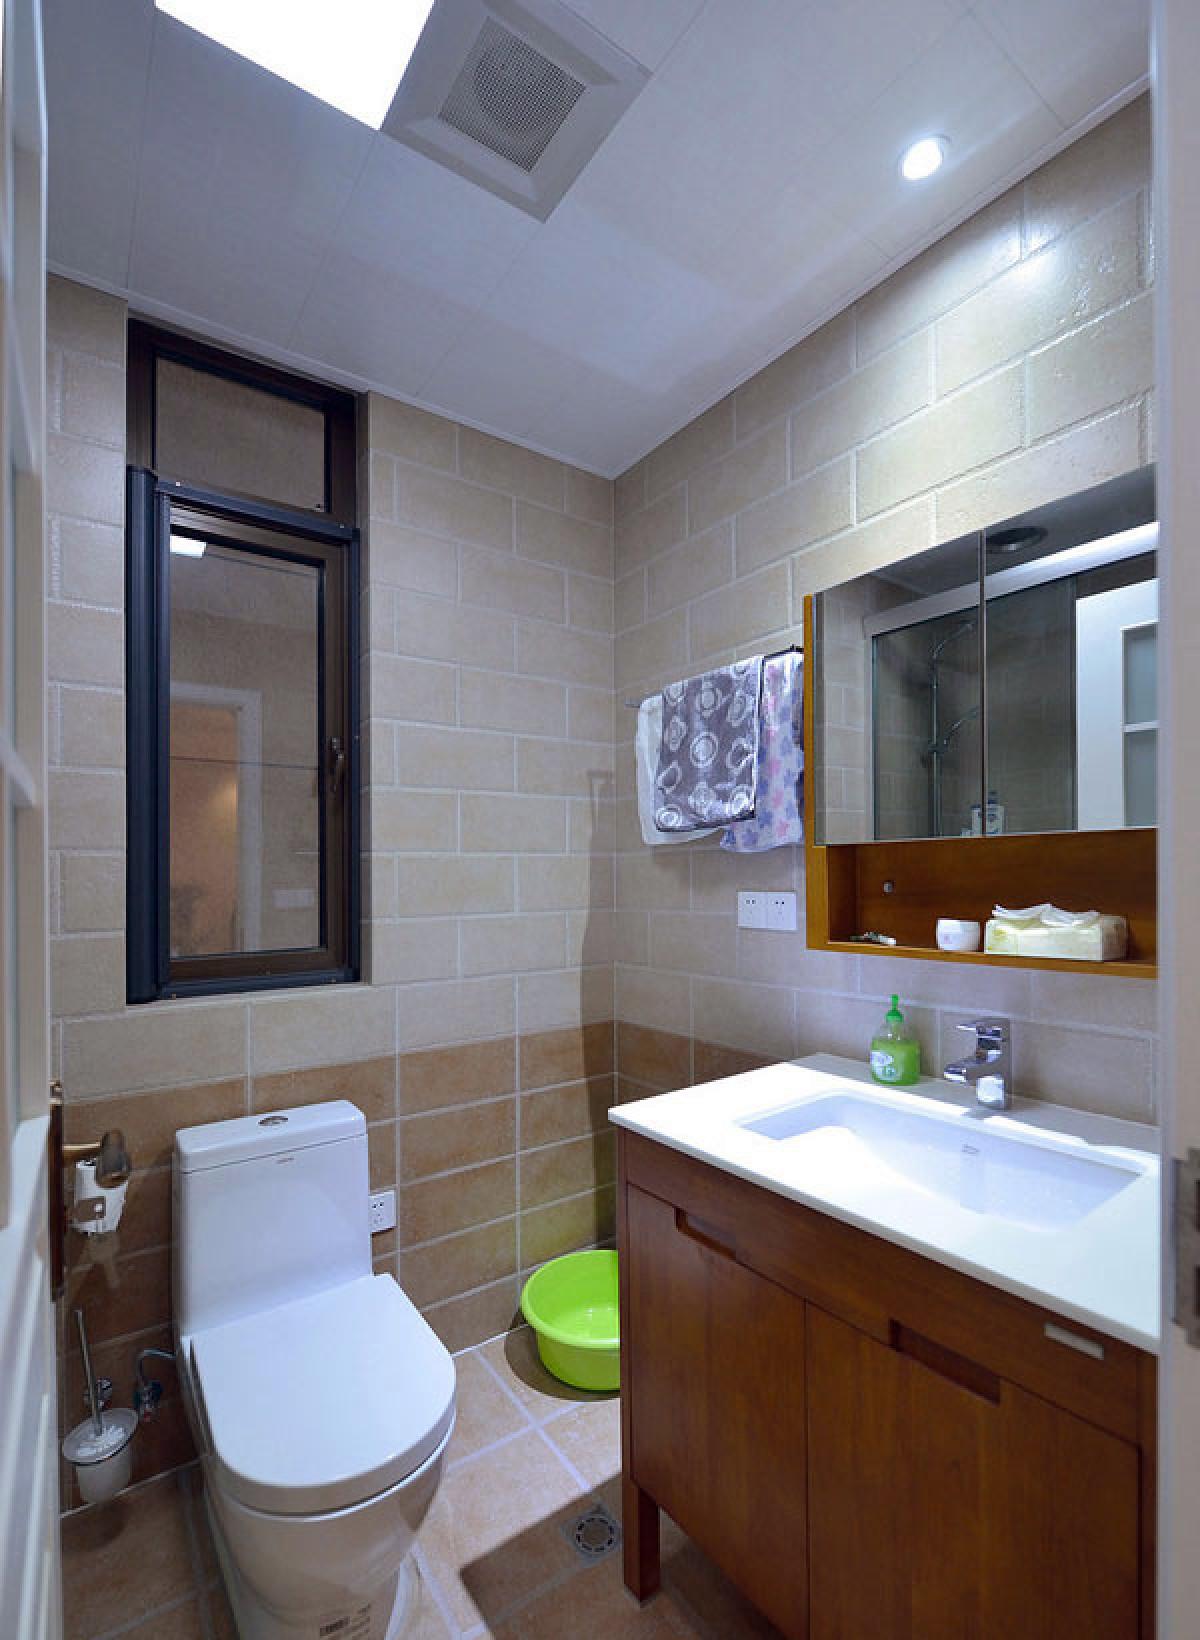 卫生间 坐便设计也很不错啦,虽然我不是很喜欢。不过这个浴室柜设计的比较好,实木柜加上大理石洗浴台,很有古典的气息。